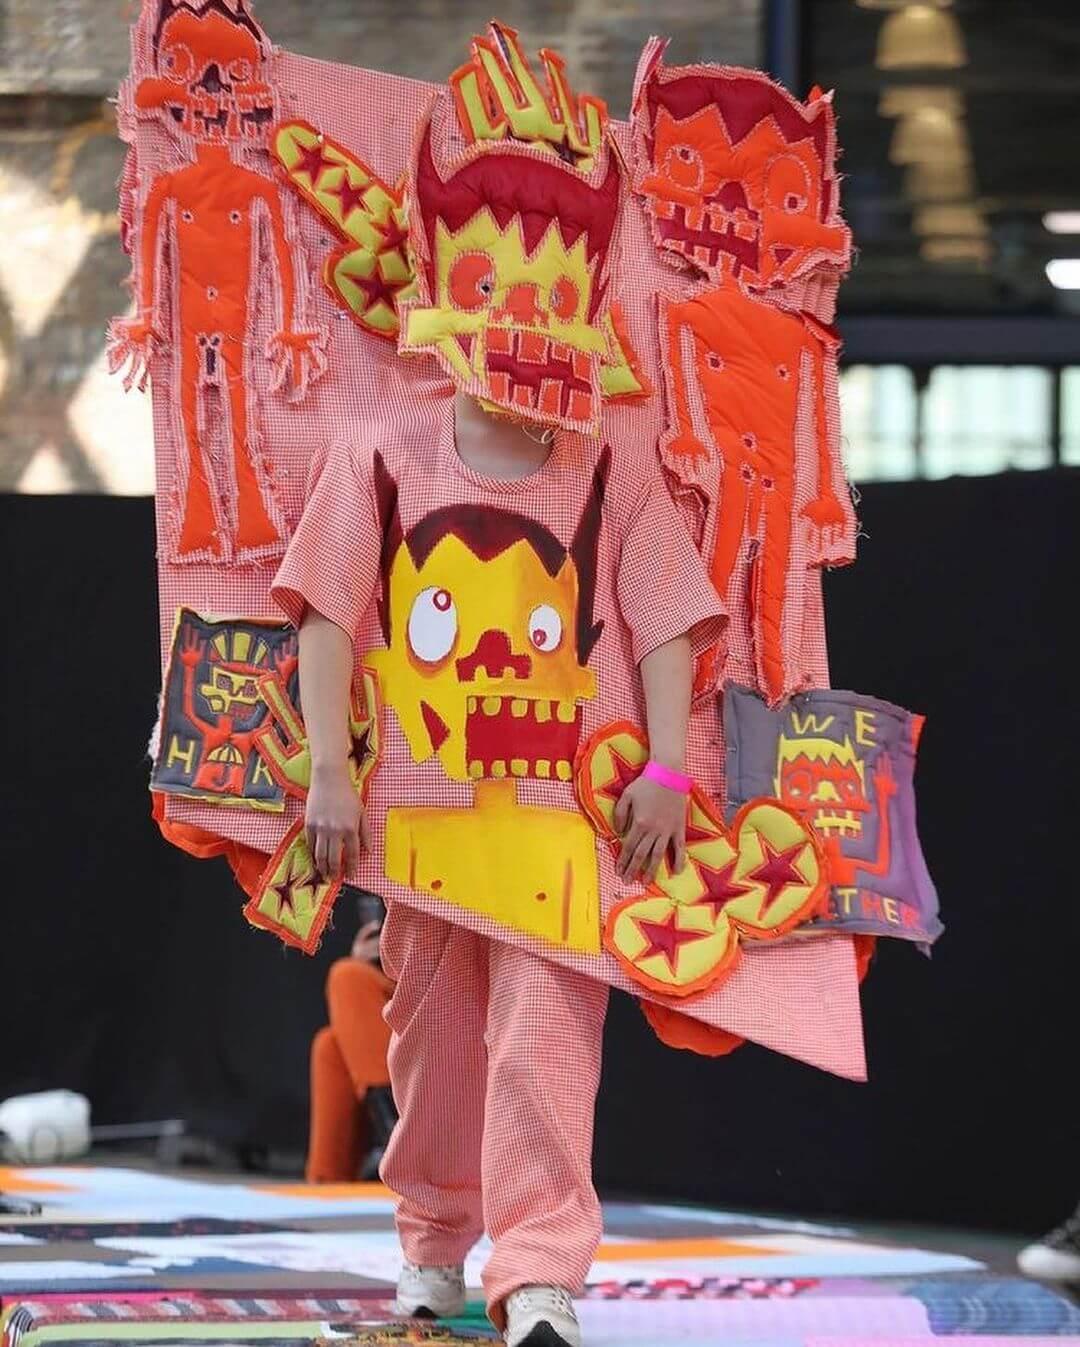 Esto fue lo mejor del desfile de modas de Central Saint Martins 2021